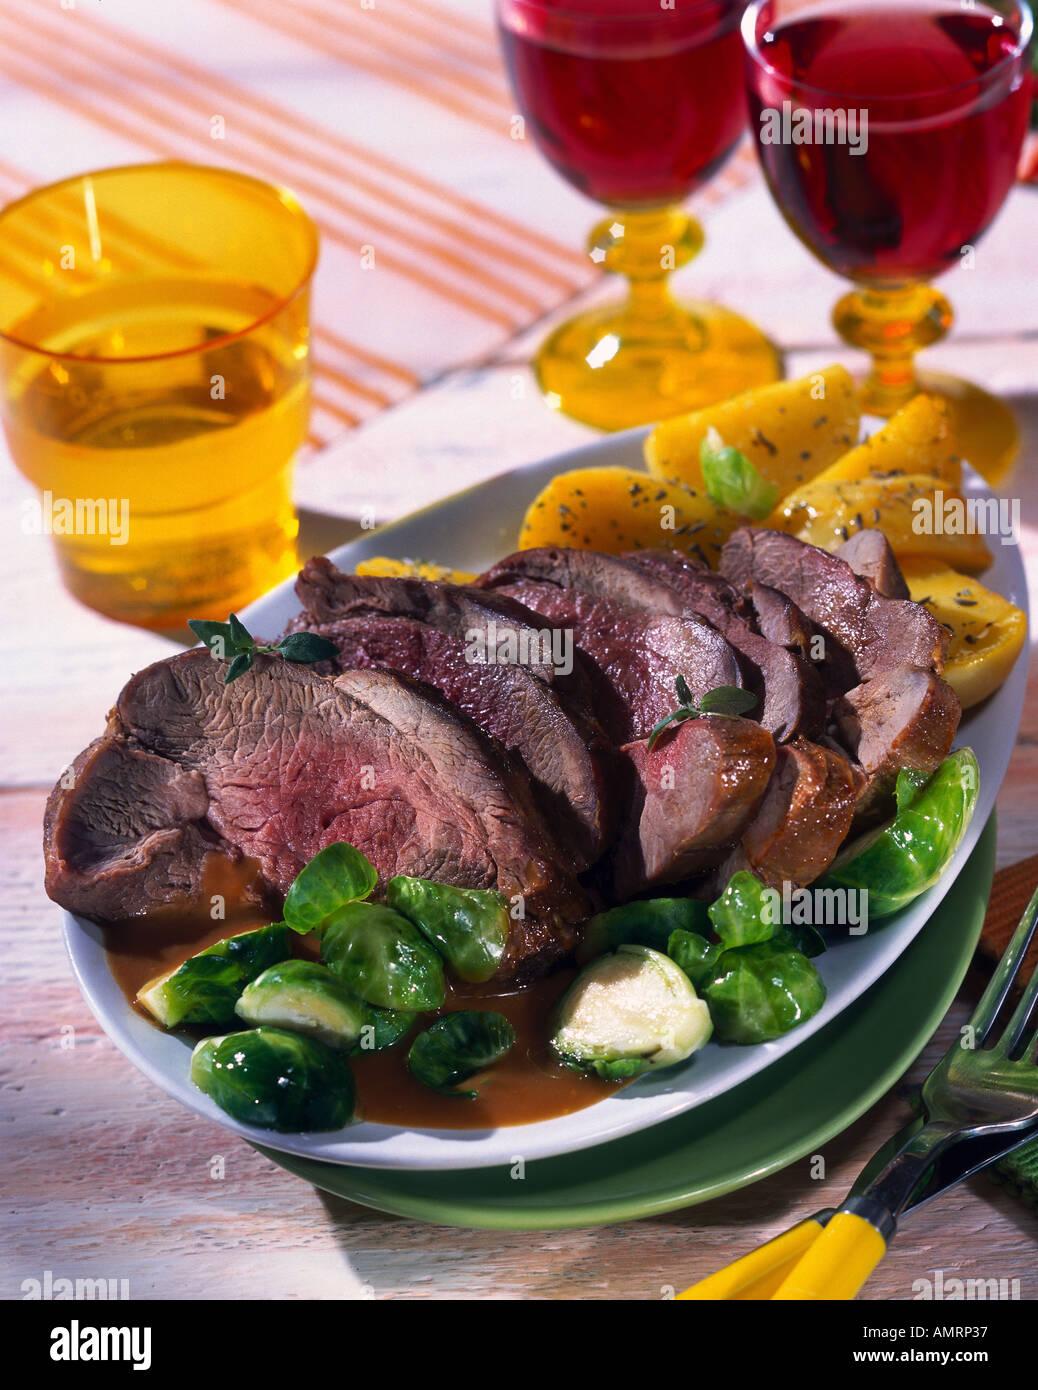 Roti De Sanglier Au Vin Rouge : sanglier, rouge, Rôti, Sanglier, Marinade, Photo, Stock, Alamy